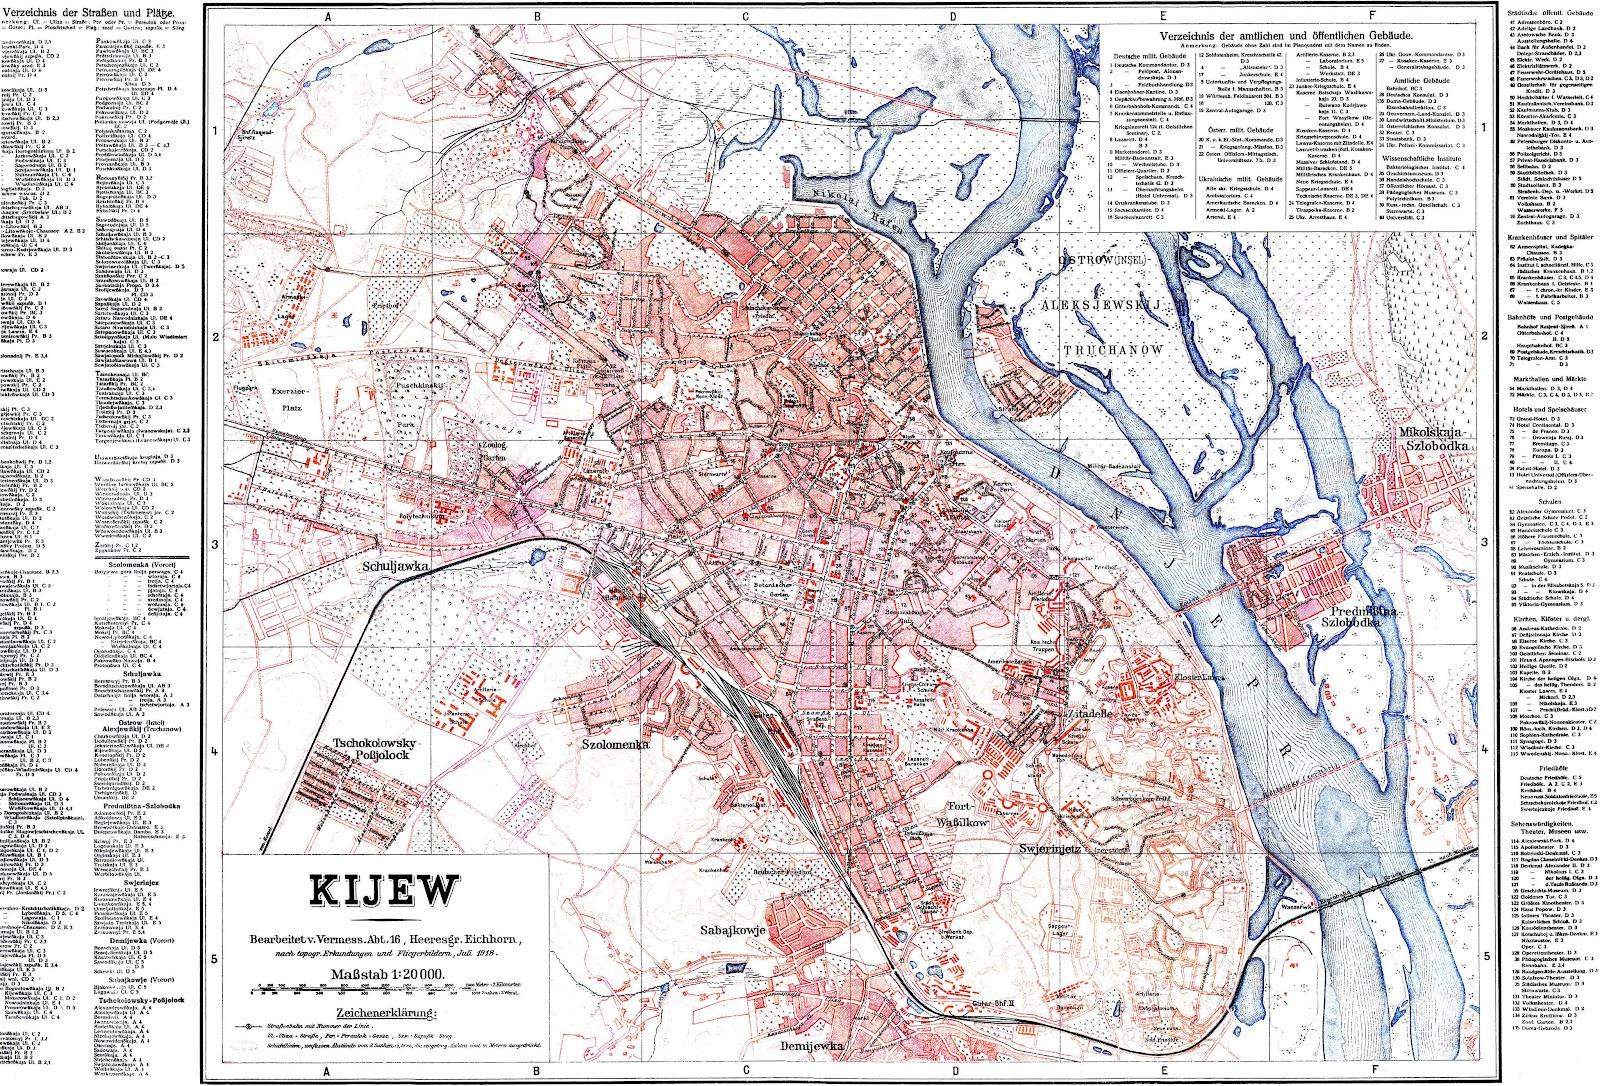 Німецька топографічна карта м. Києва 1918 року